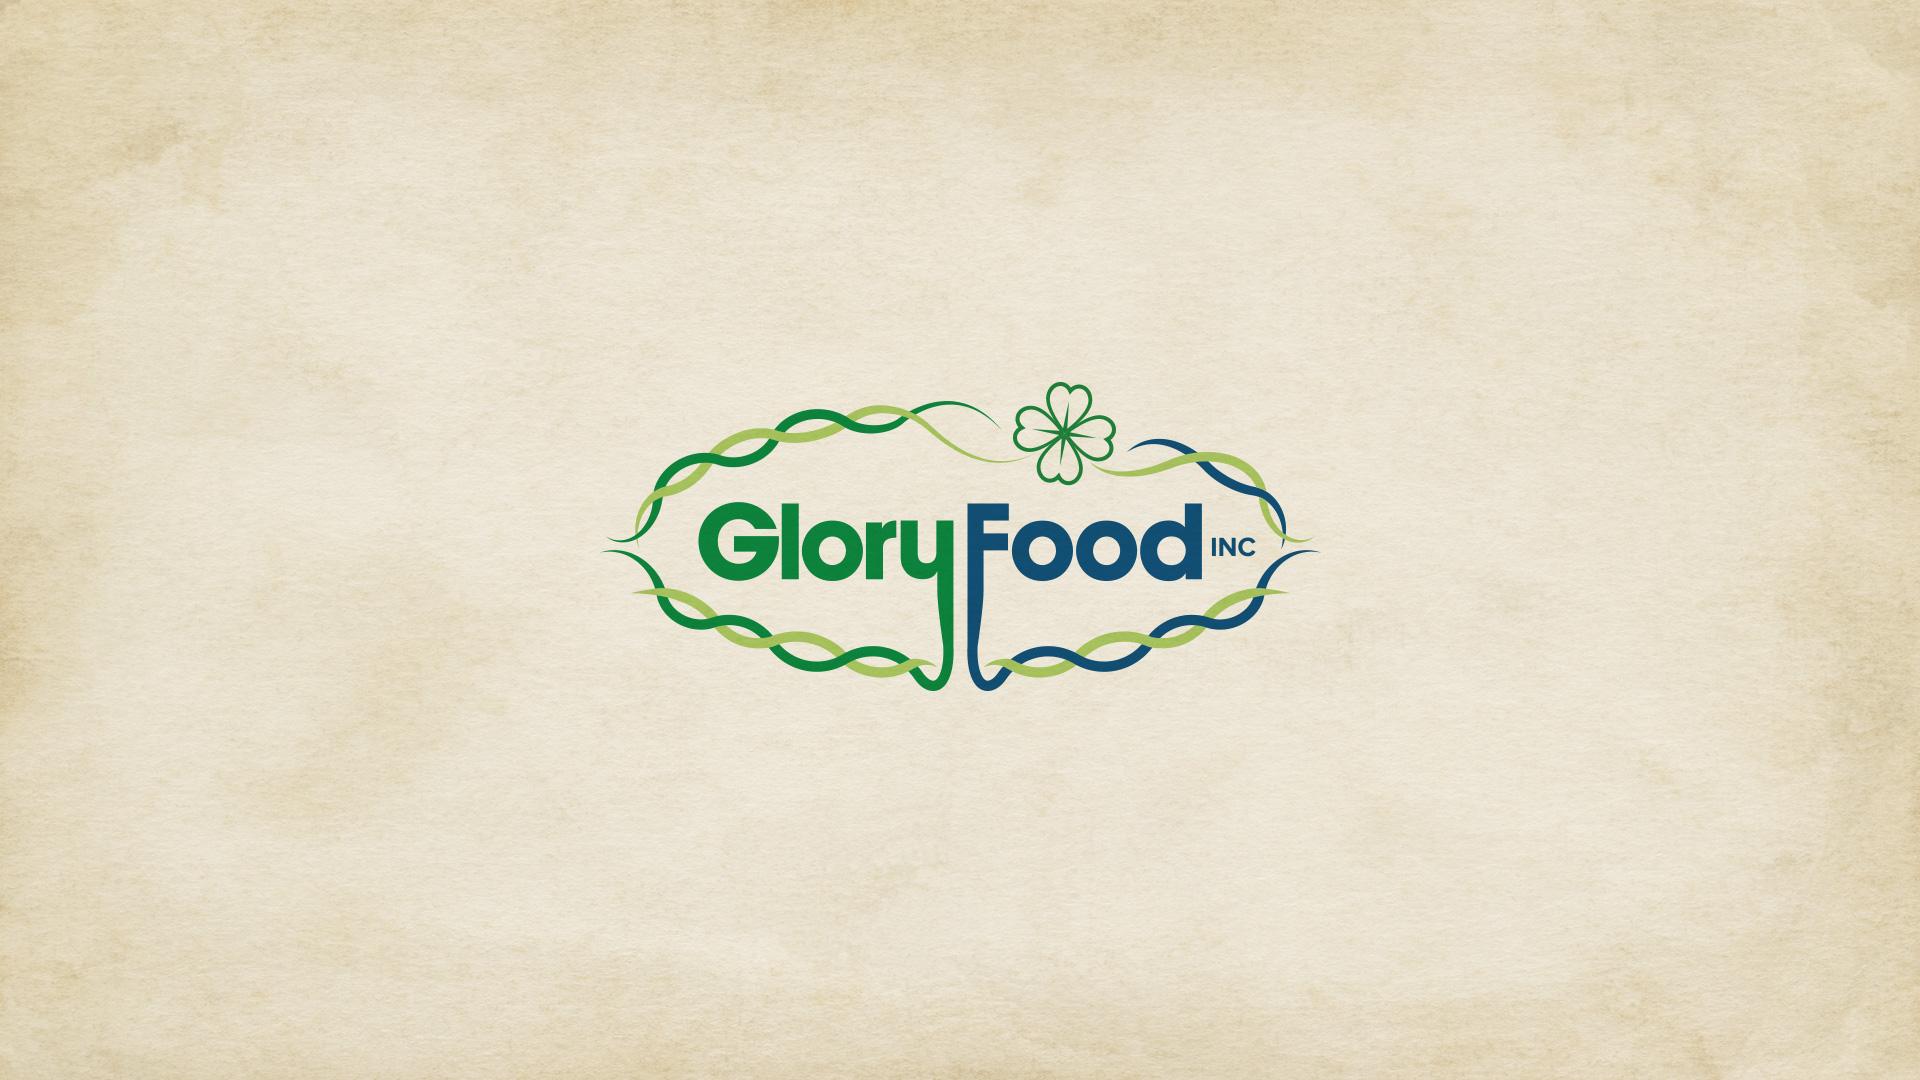 Glory Food Background Image